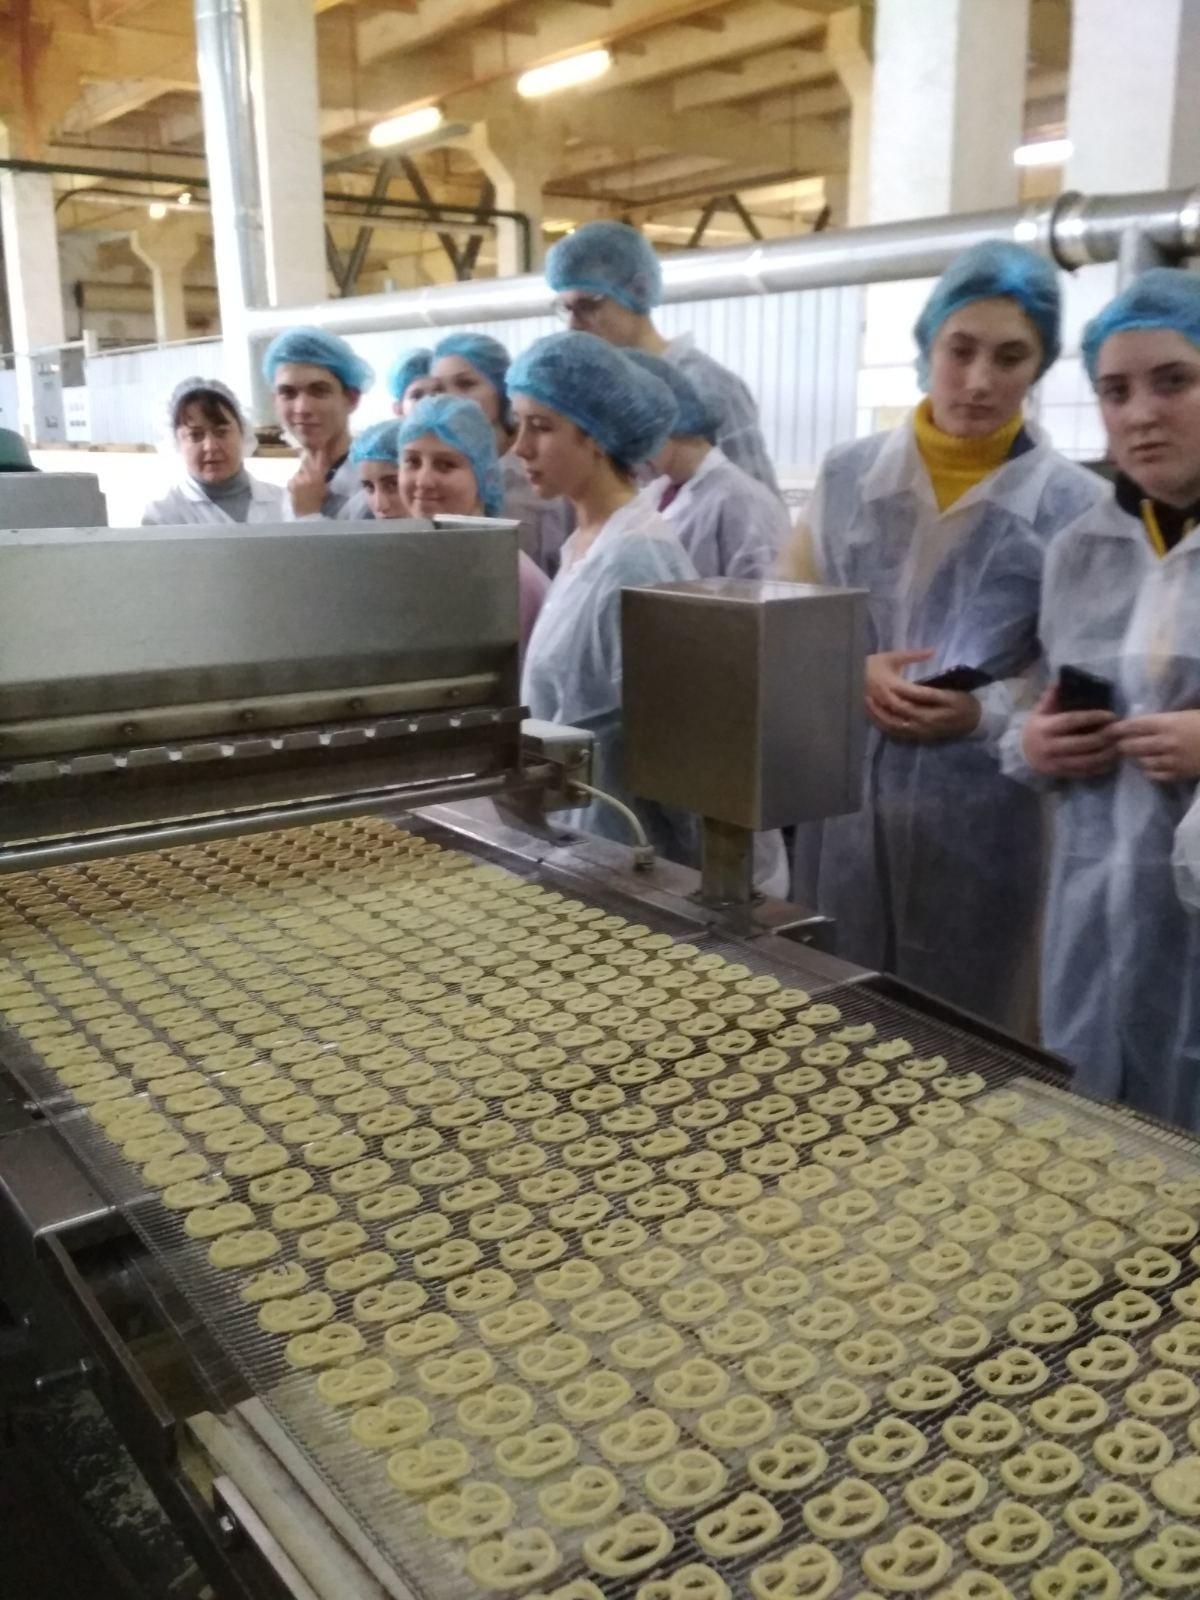 Кам'янецькі студенти познайомились із роботою столичного хлібобулочного підприємства, фото-5, Фото: Харчовий коледж